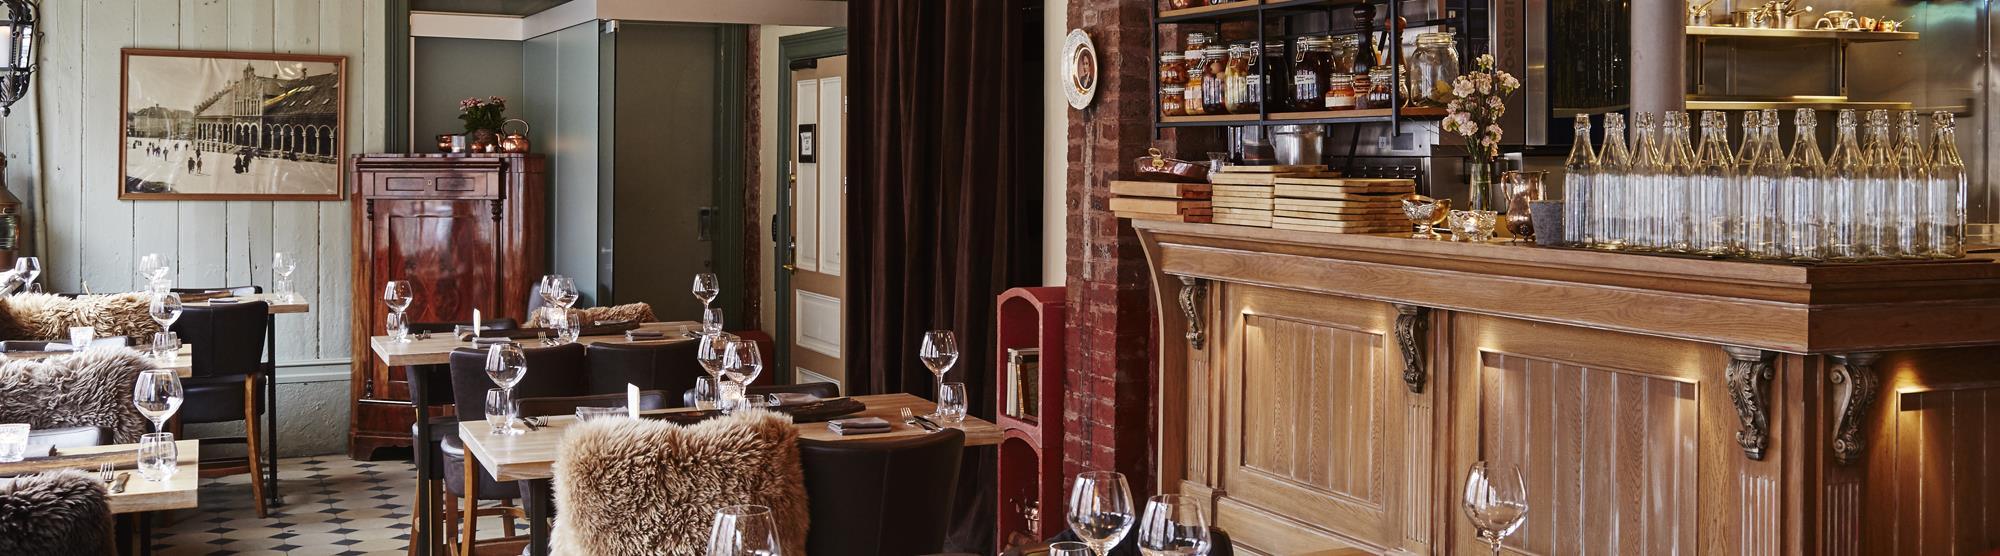 Exclusive restaurants in Bergen